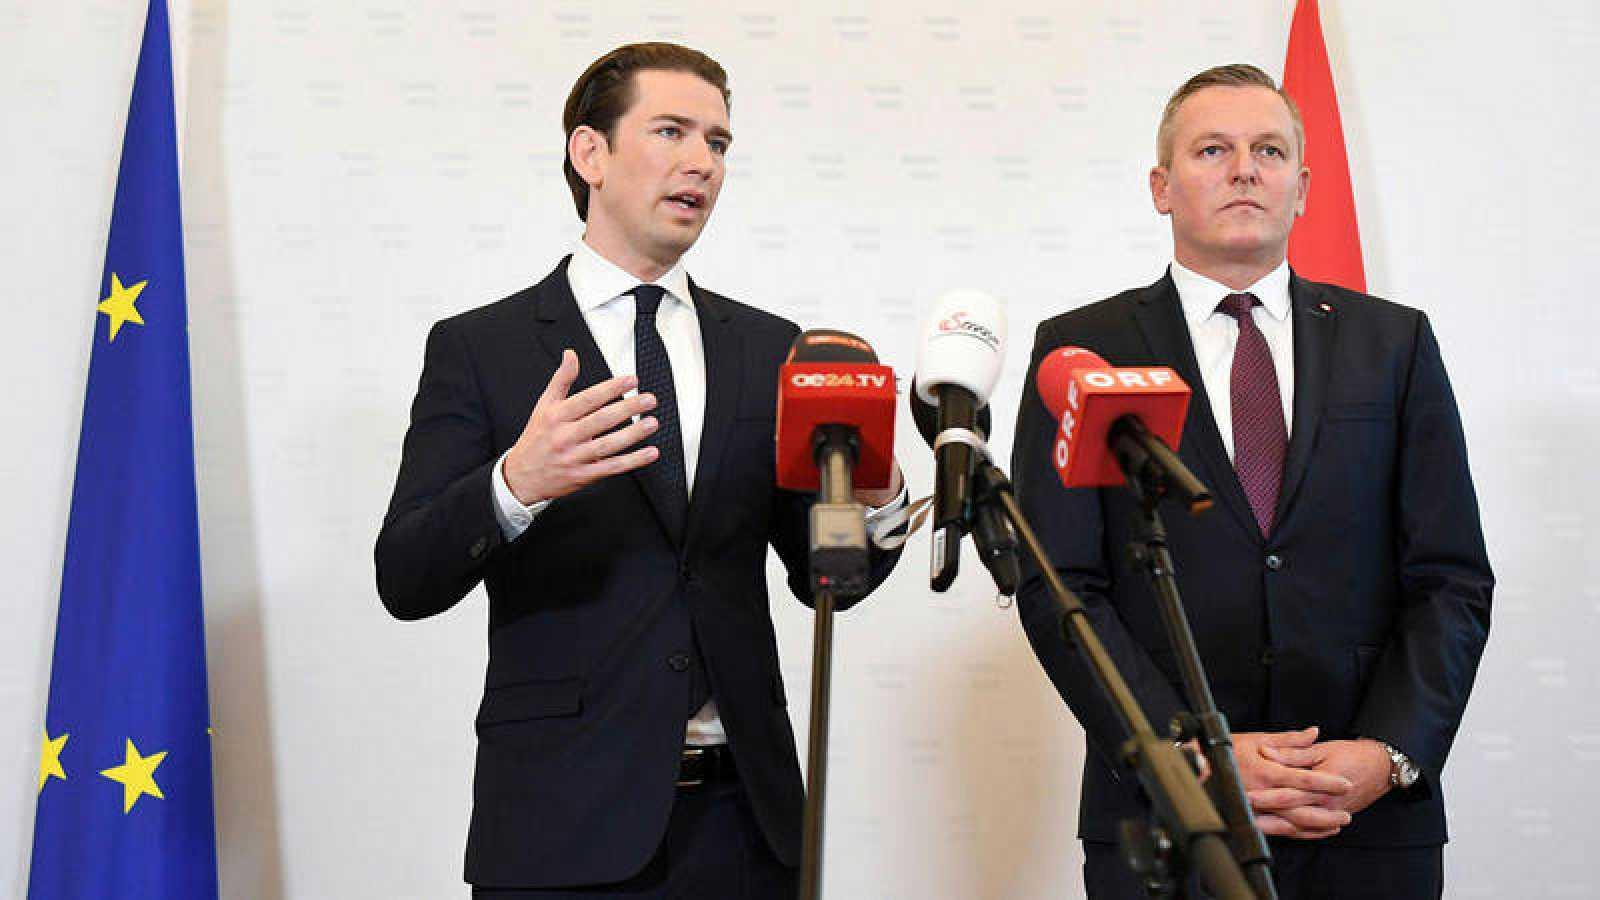 El canciller austriaco Sebastian Kurz (izq.) y el ministro de Defensa, Mario Kunasek, durante la rueda de prensa de este viernes en la que han respondido a las preguntas sobre el caso del coronel retirado sospechoso de haber espiado para Rusia duran